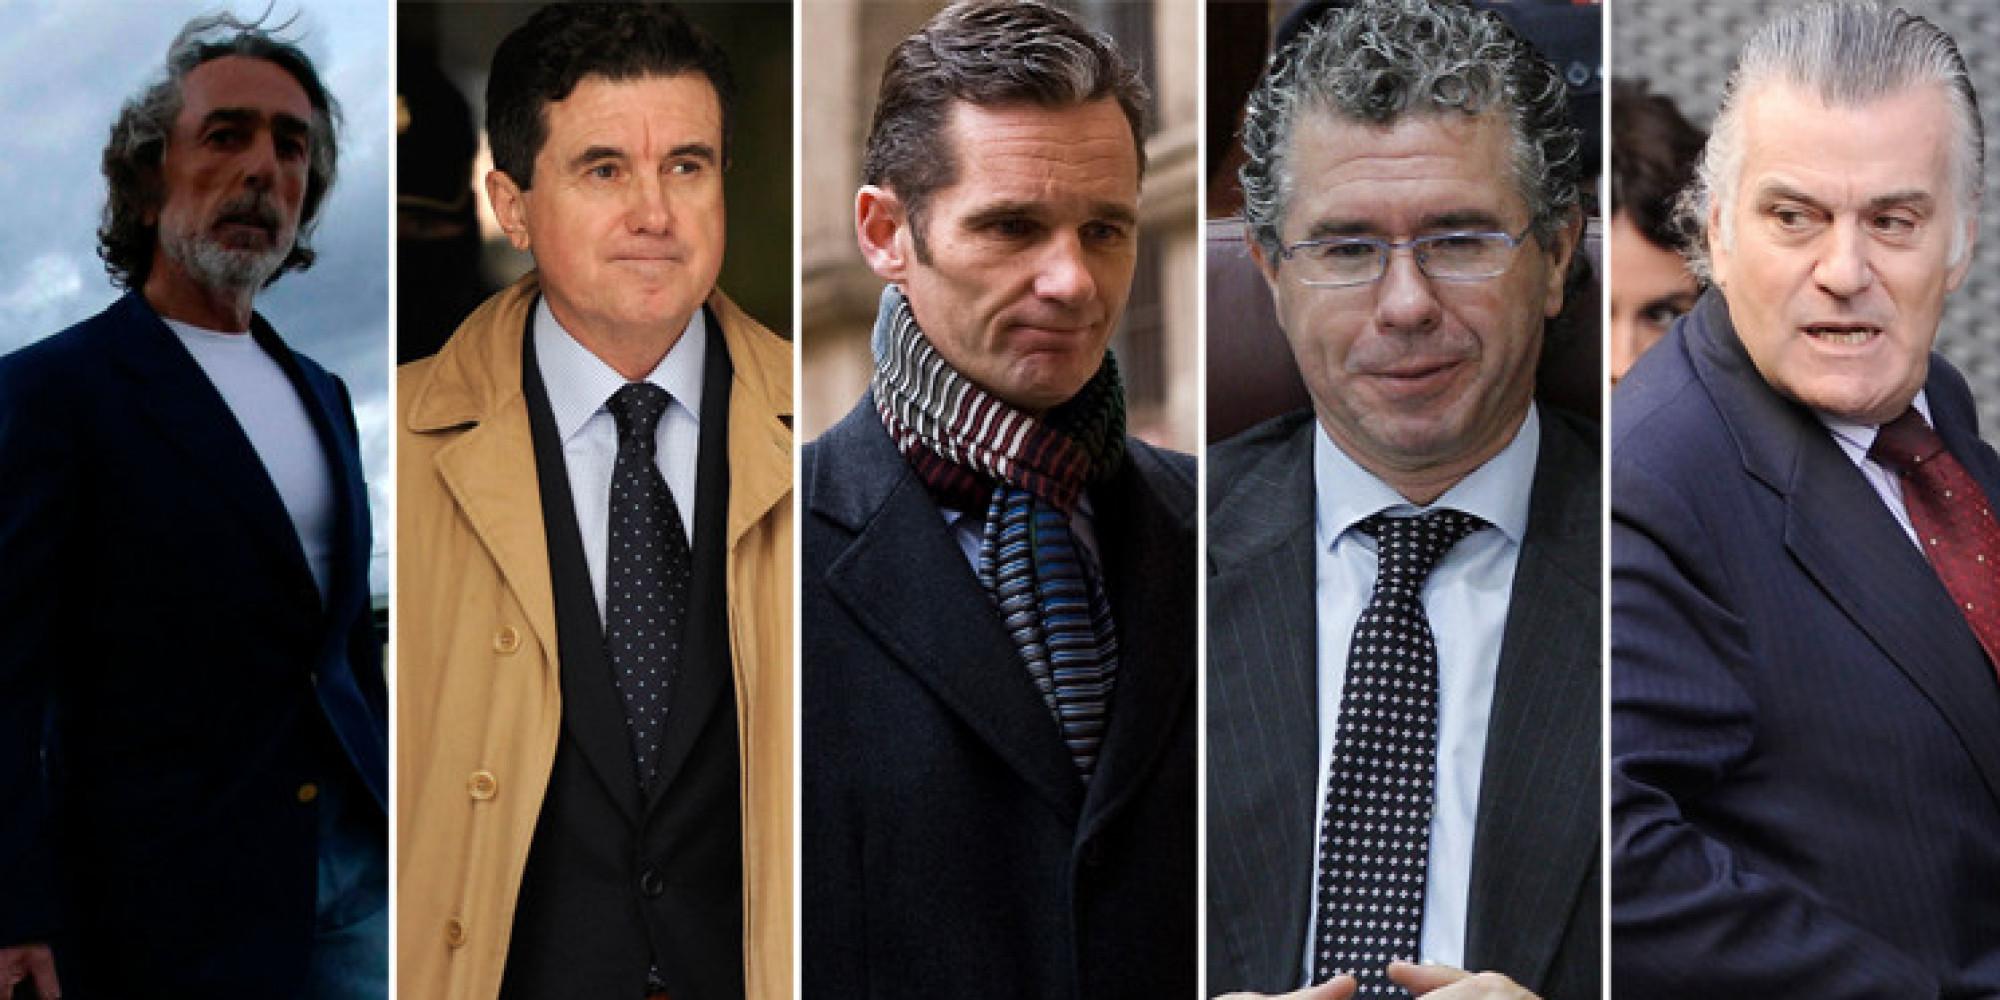 De granados a la 39 g rtel 39 repaso a los ltimos a os de corrupci n en espa a - Casos de corrupcion en espana actuales ...